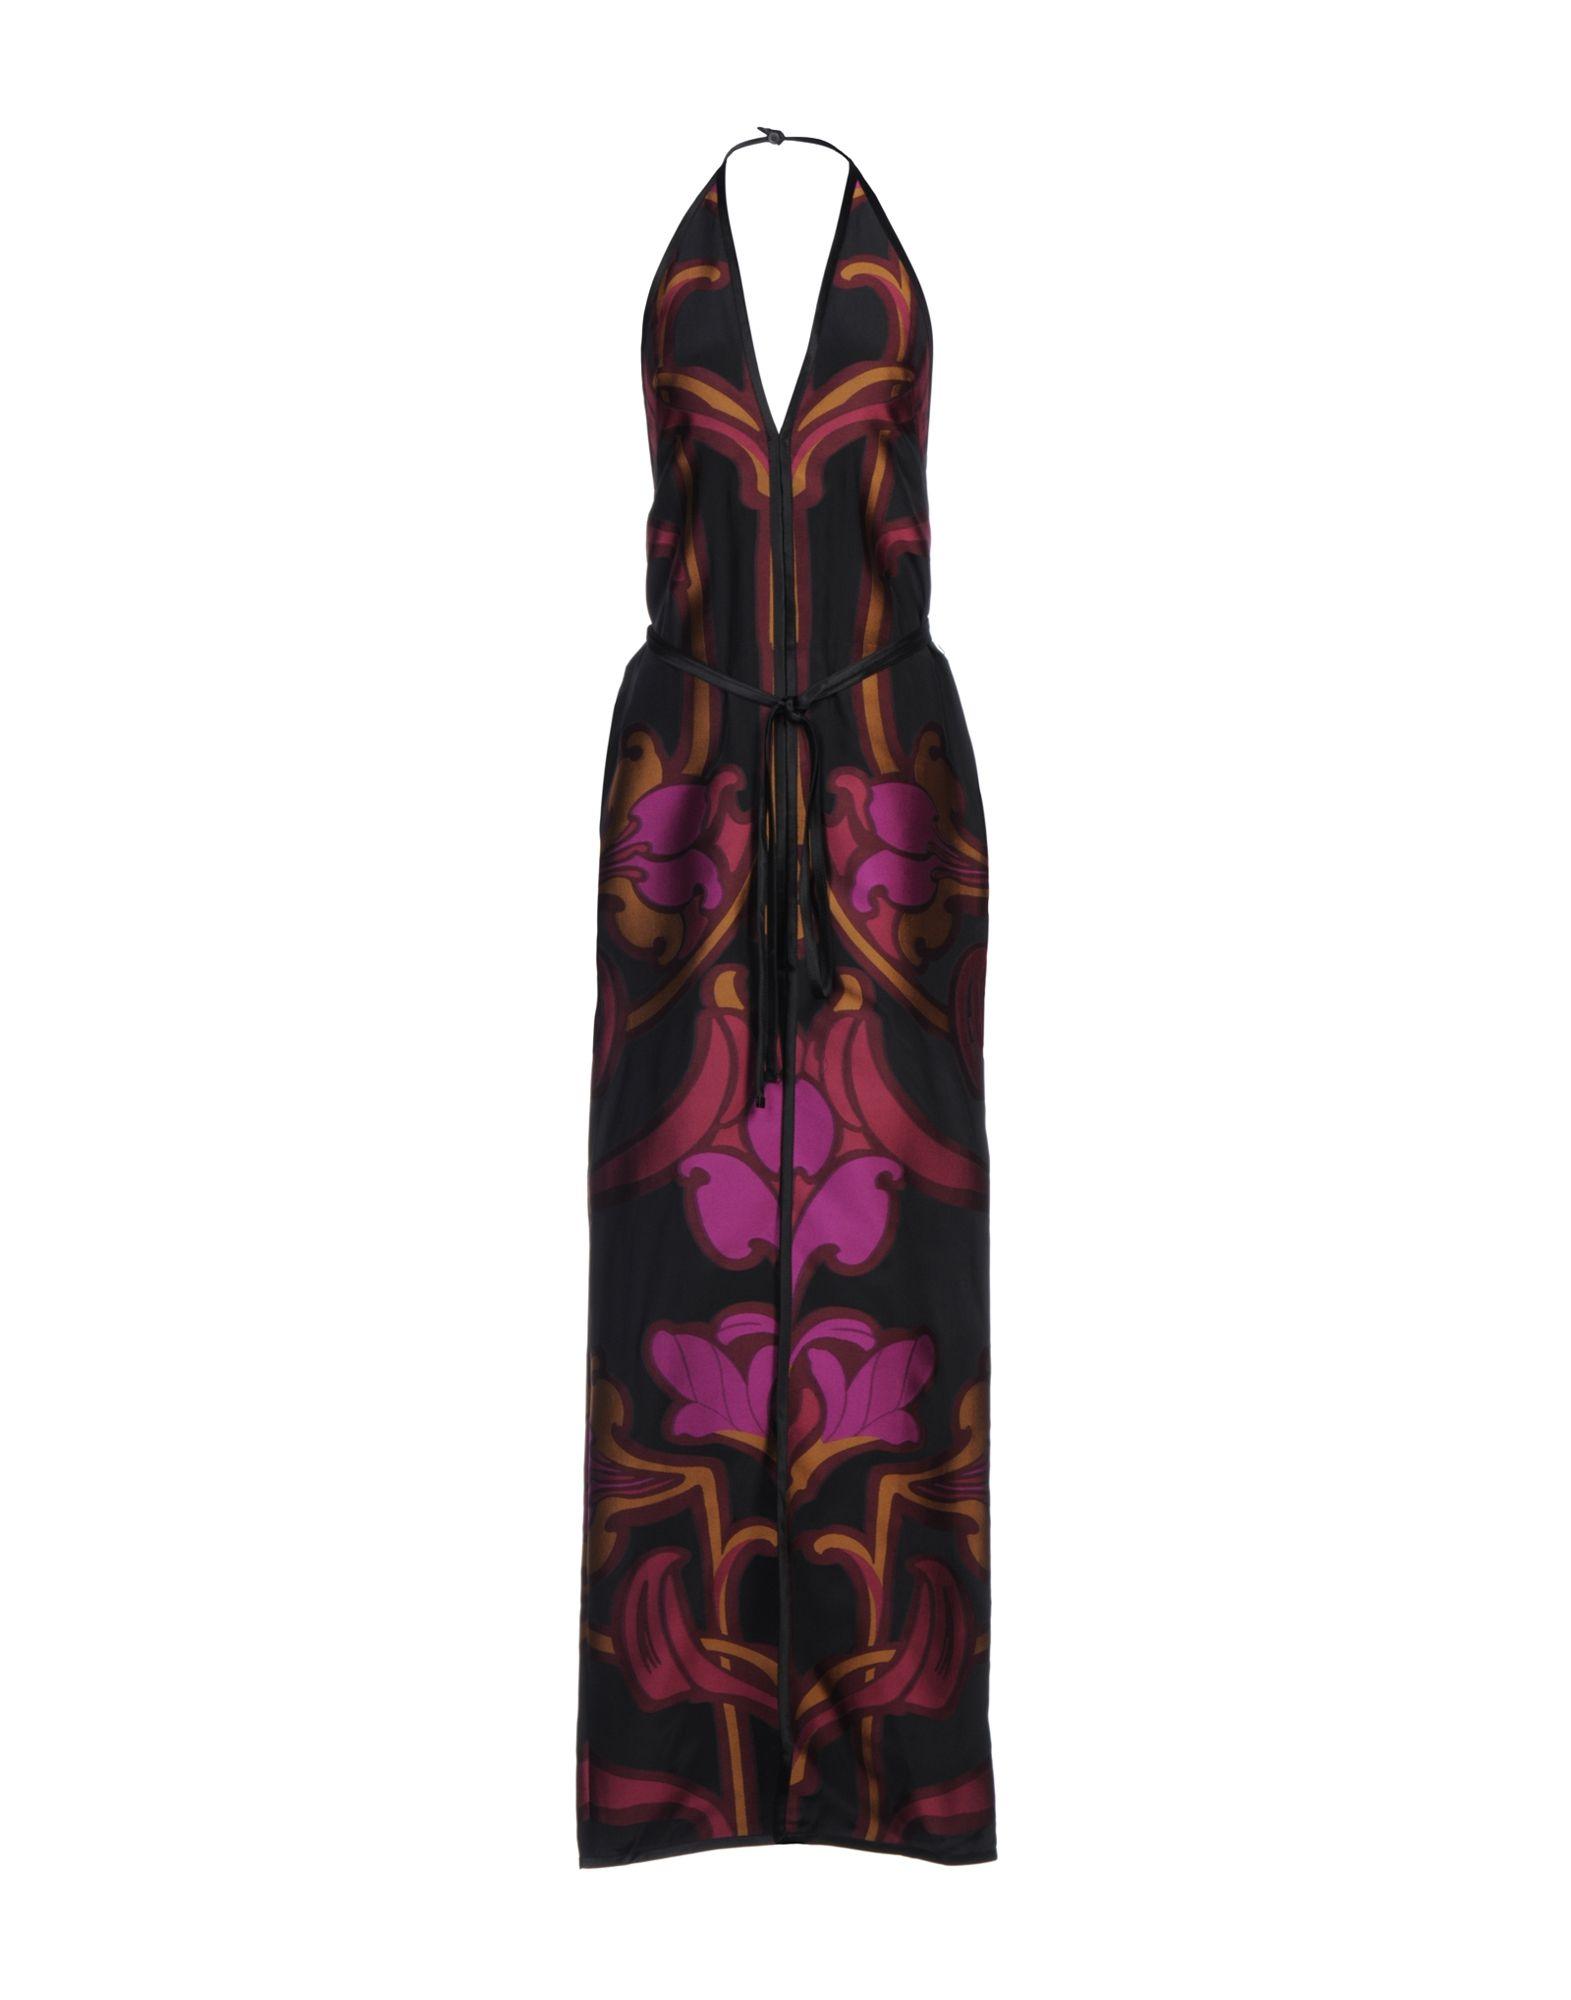 GUCCI Damen Langes Kleid Farbe Malve Größe 3